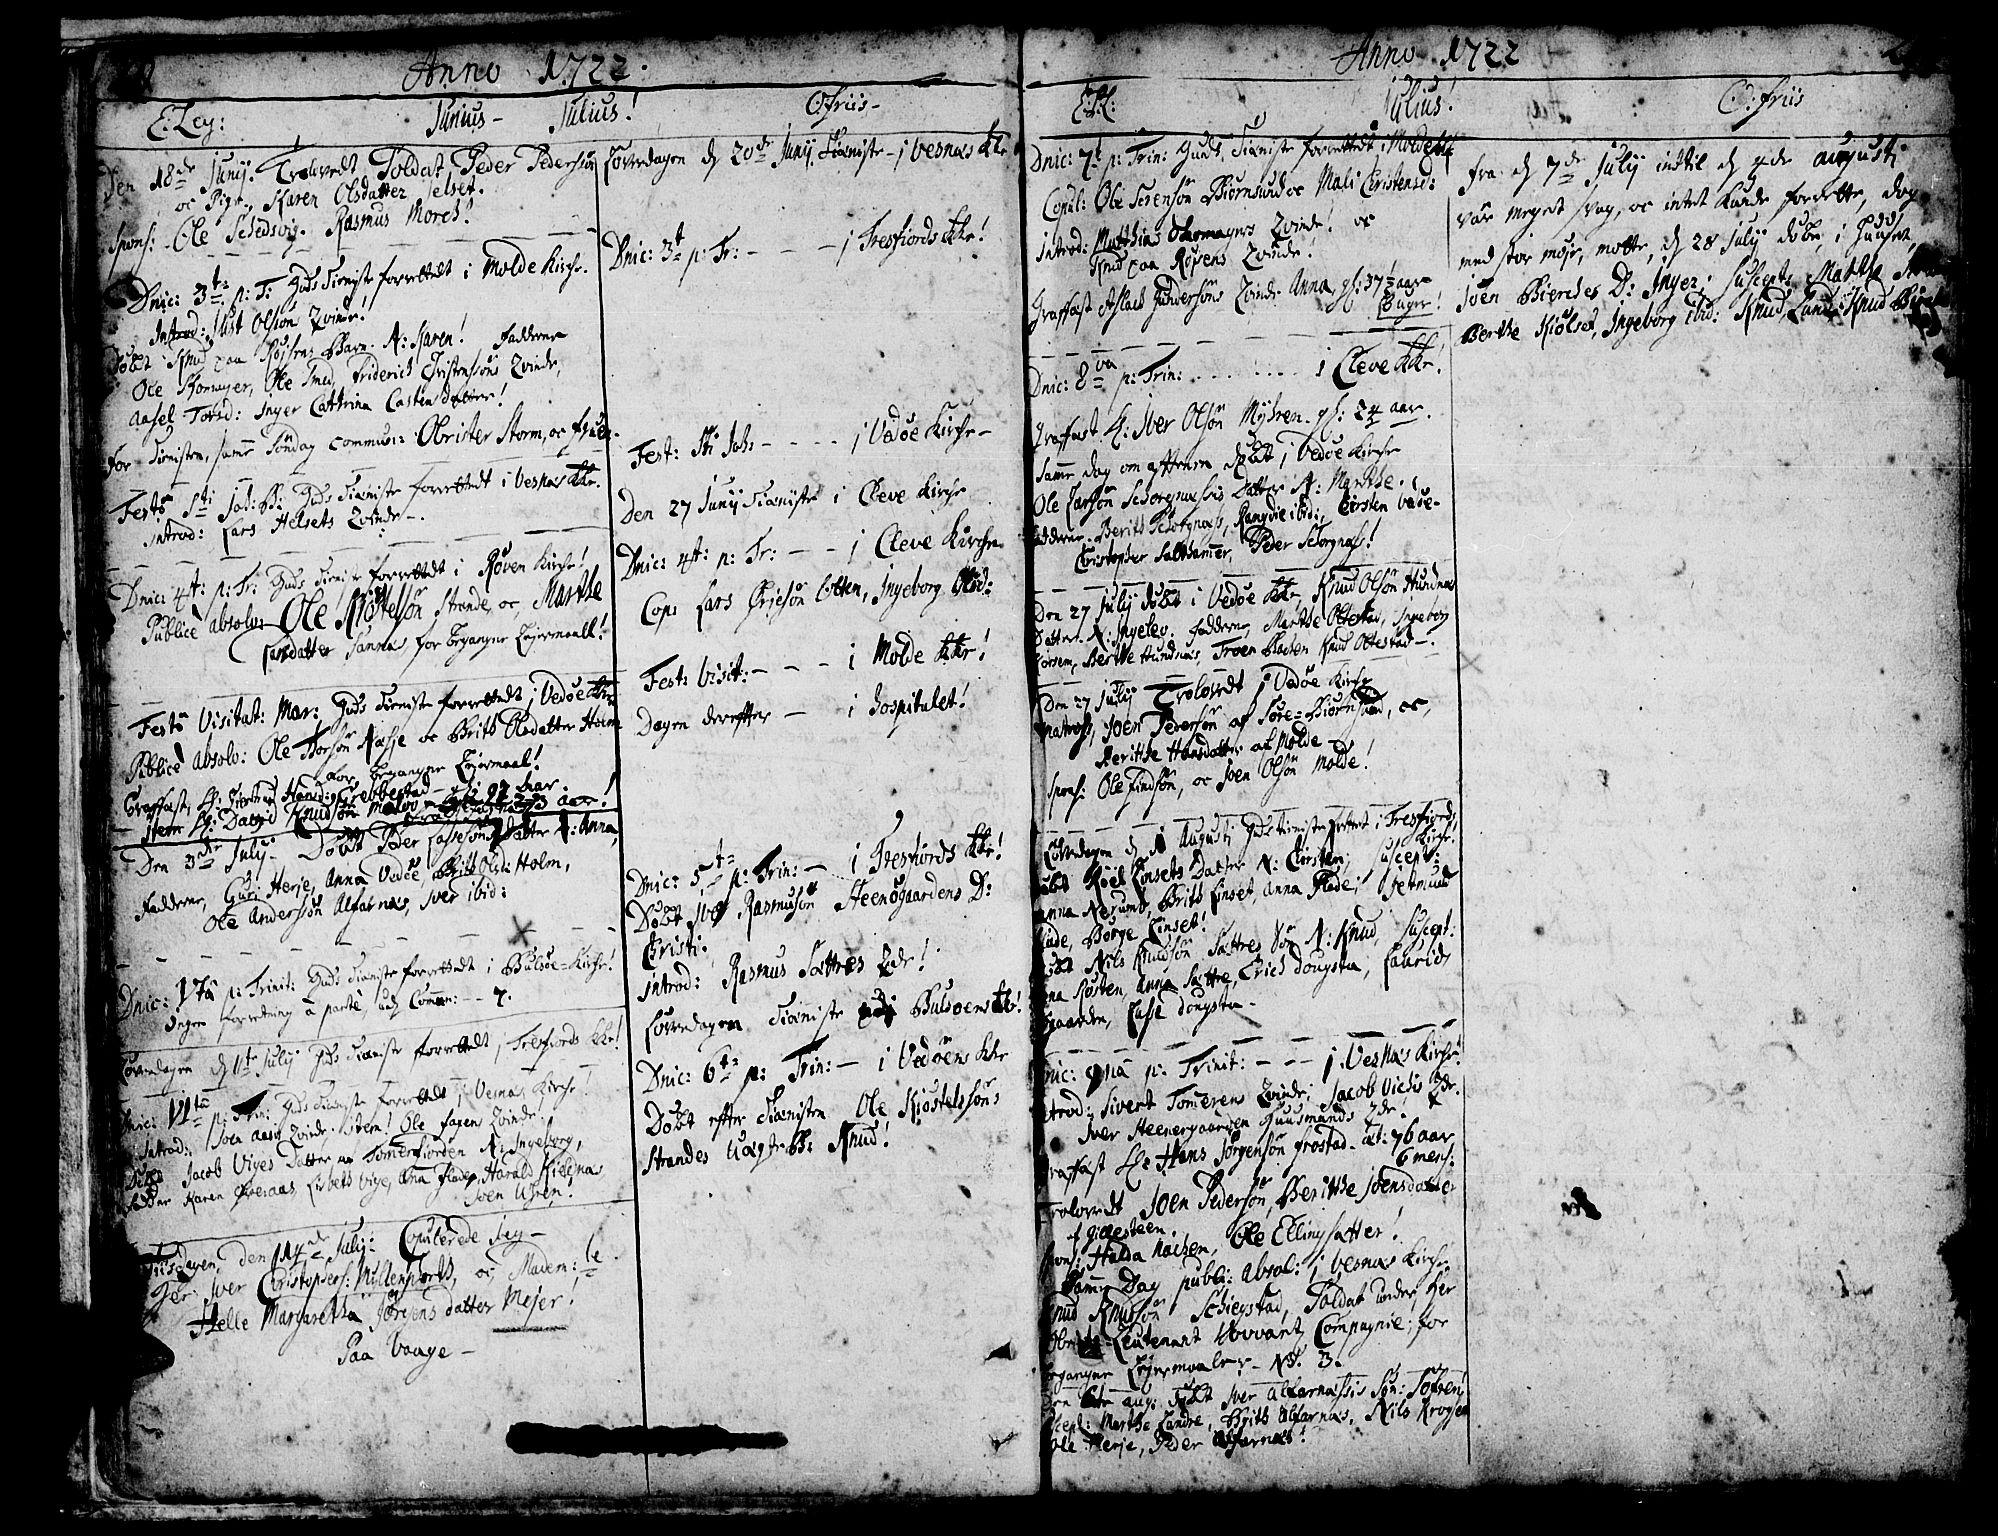 SAT, Ministerialprotokoller, klokkerbøker og fødselsregistre - Møre og Romsdal, 547/L0599: Ministerialbok nr. 547A01, 1721-1764, s. 20-21